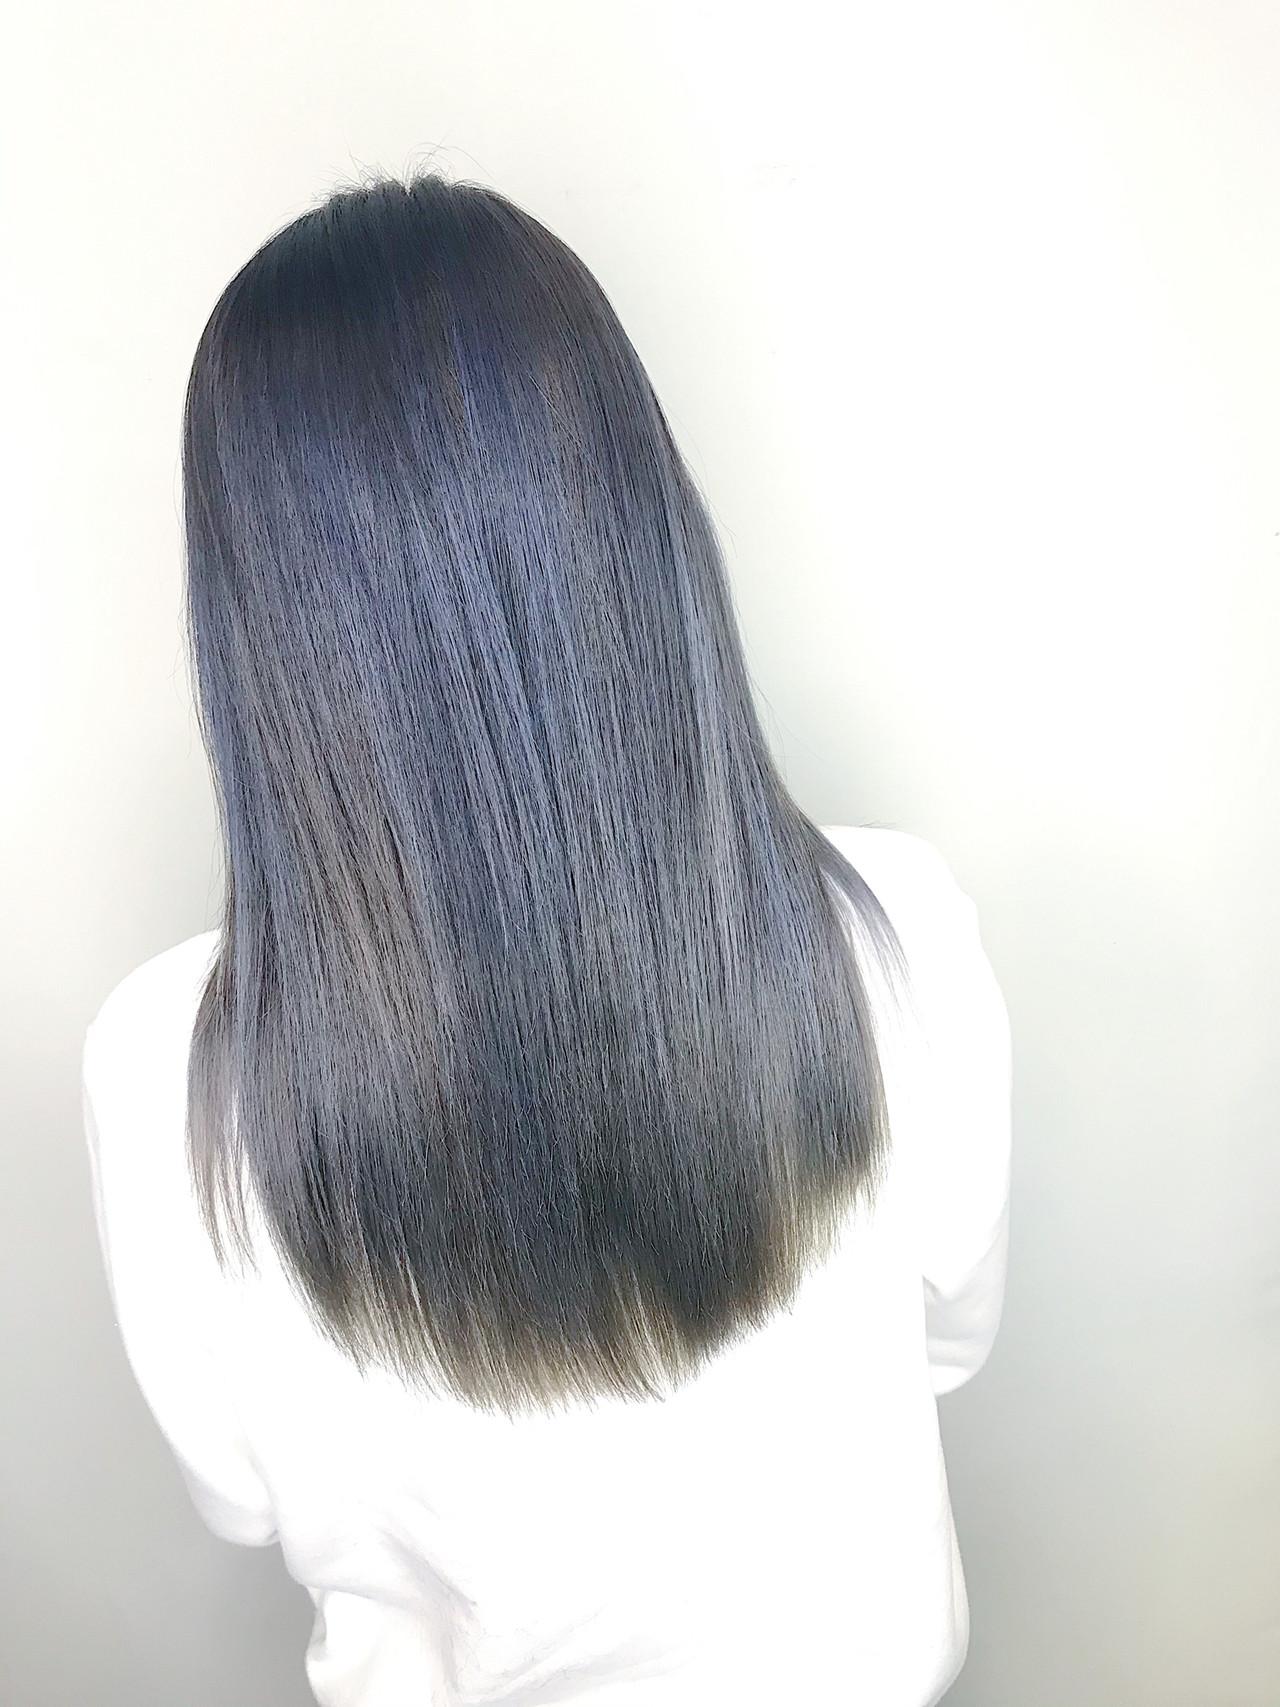 セミロング ナチュラル ネイビーブルー ブルー ヘアスタイルや髪型の写真・画像   内田 一也 / hair/nail space a:le